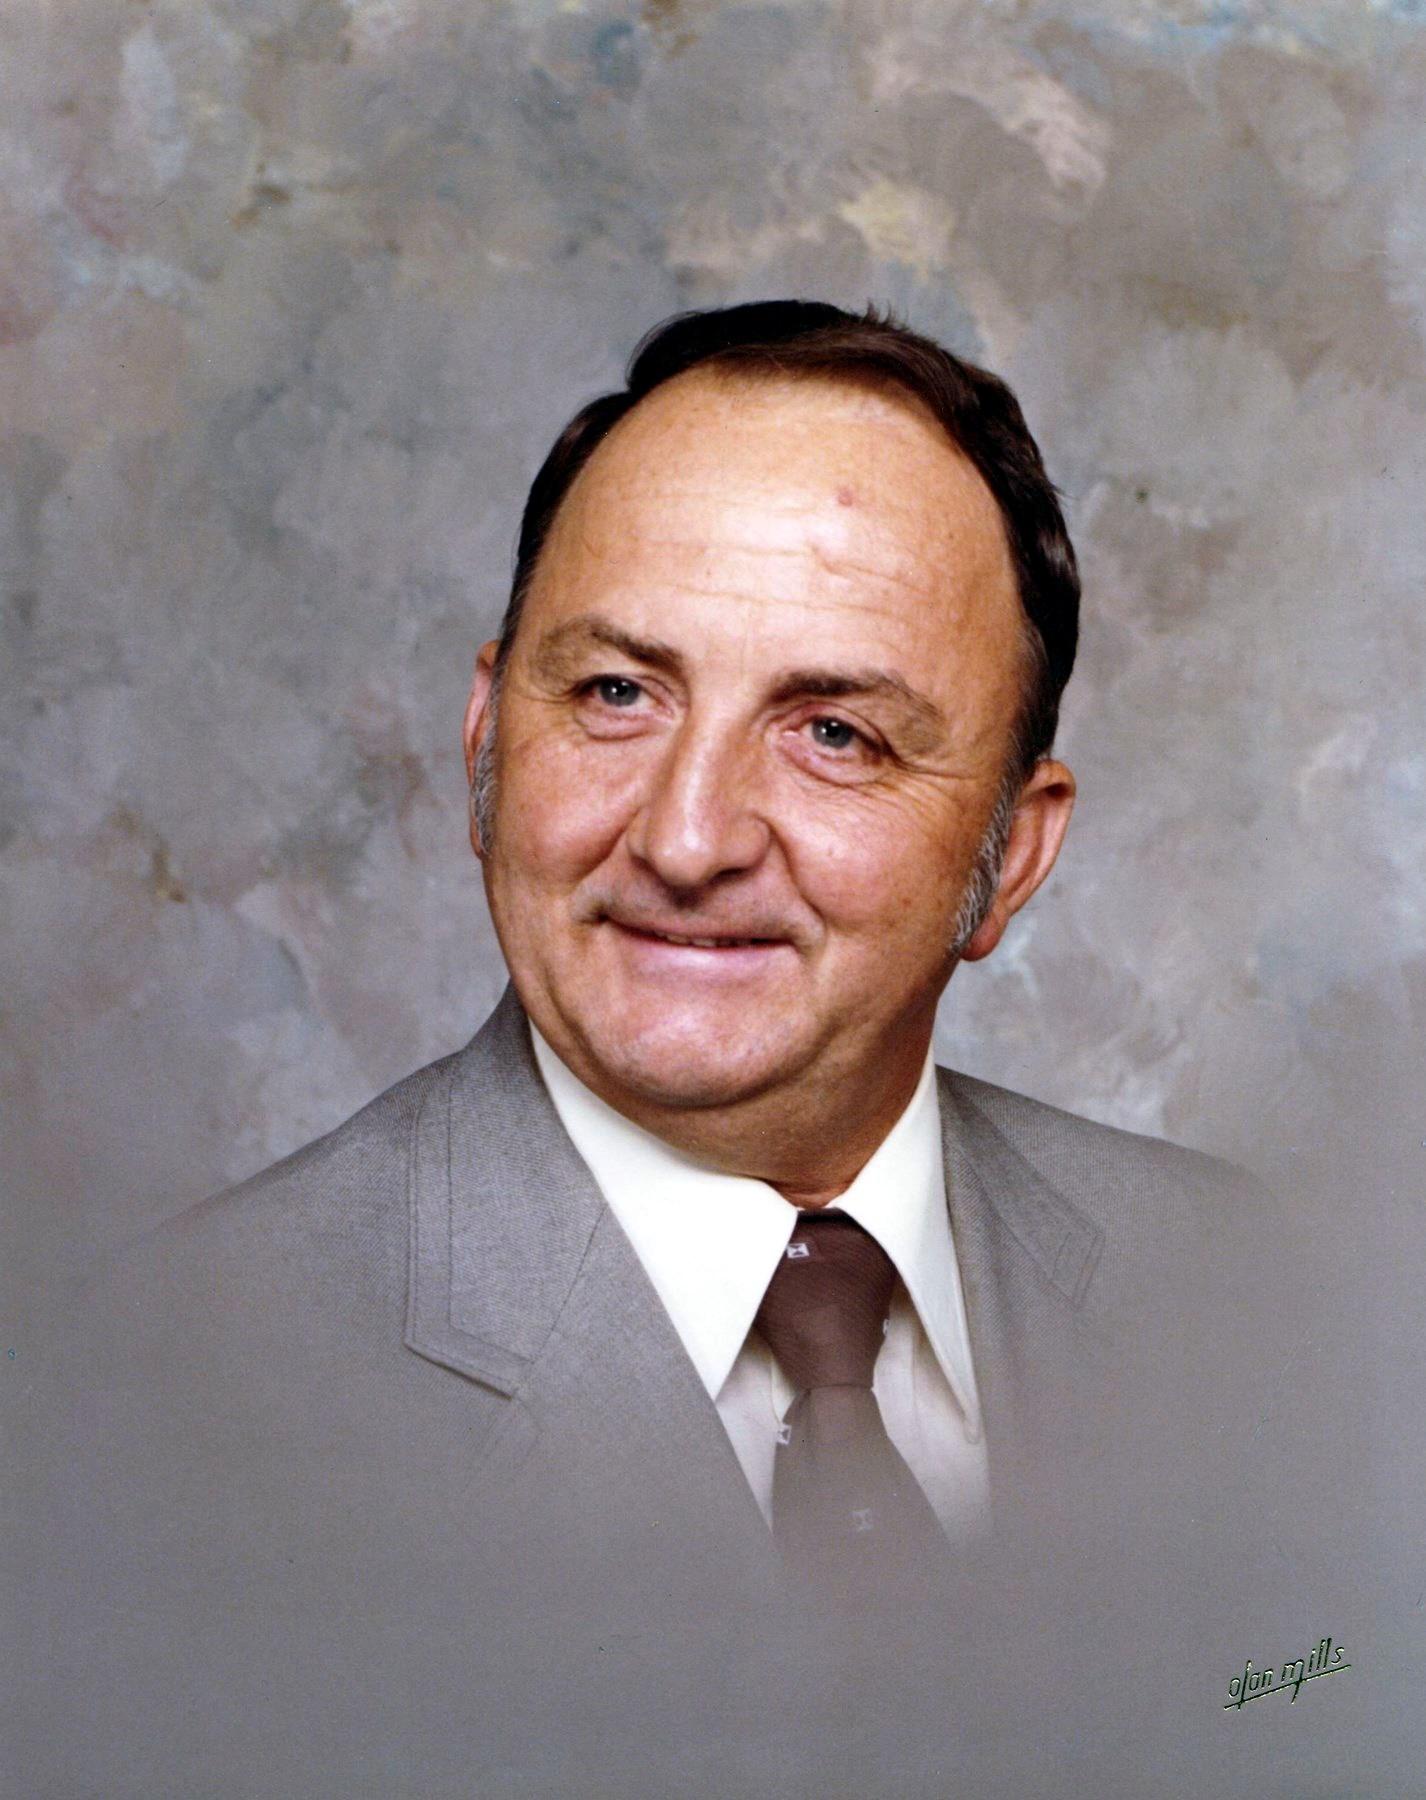 Joseph Gaither  Guffey